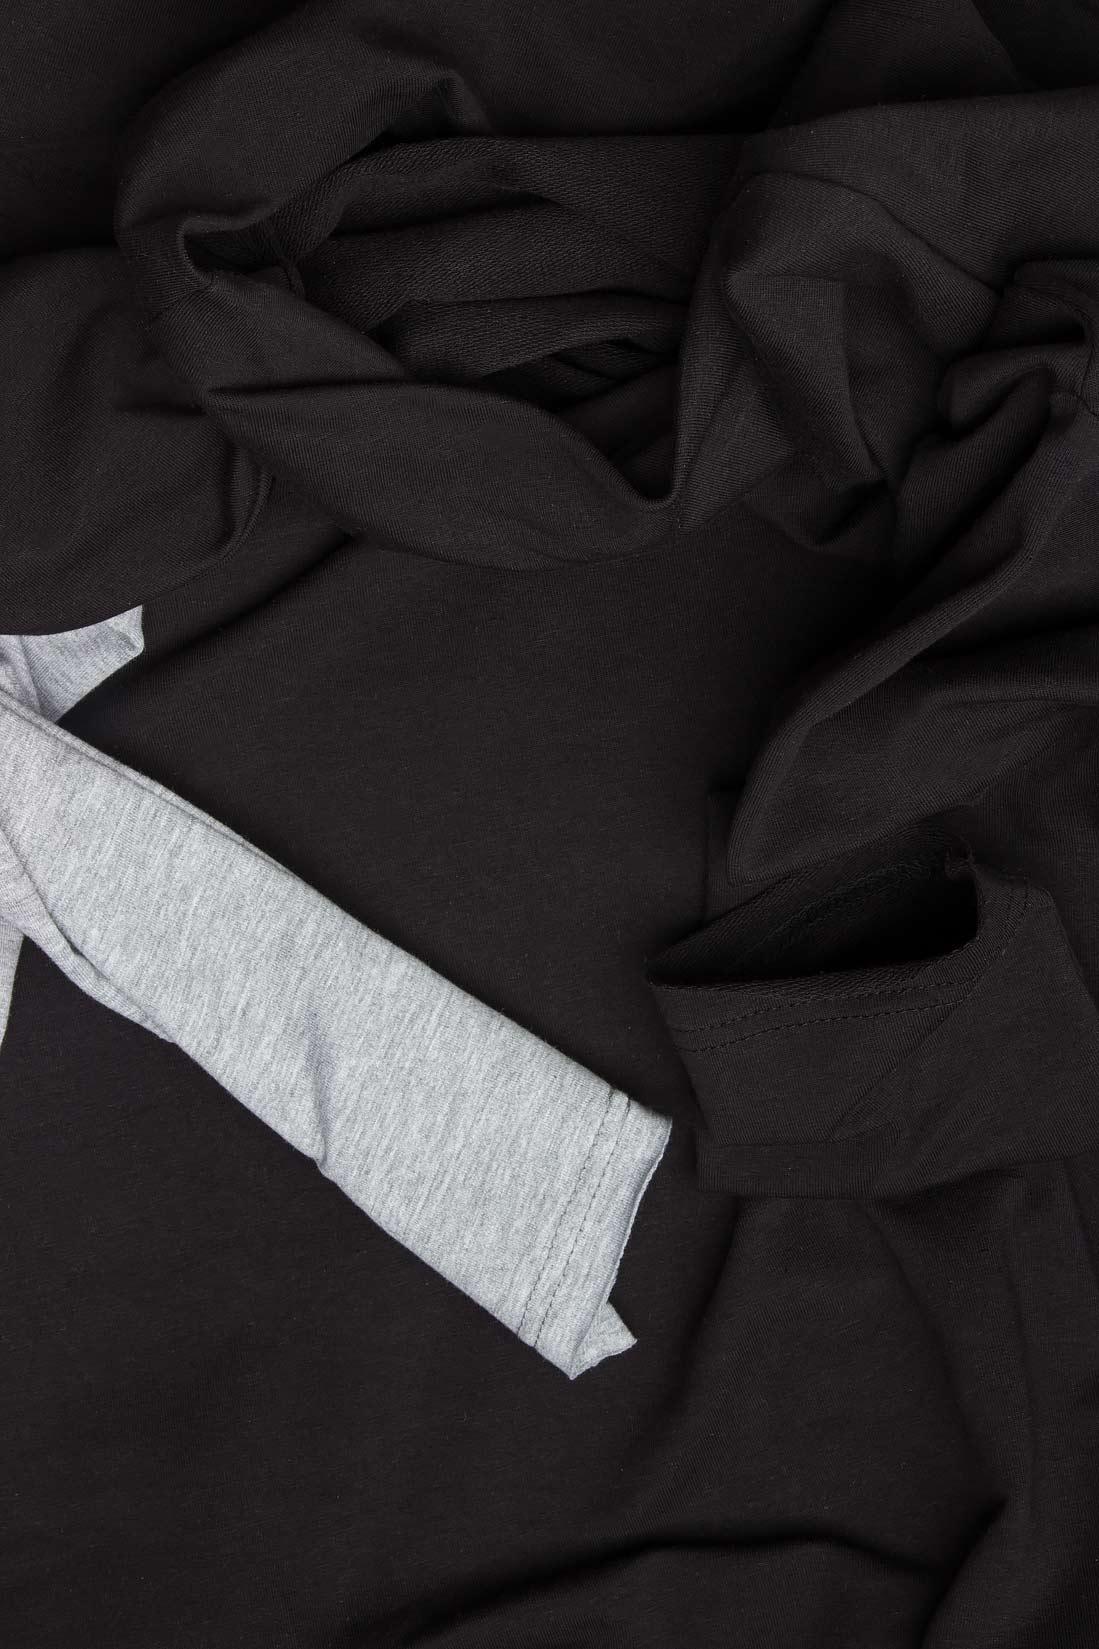 Rochie trei sferturi din bumbac negru cu gri Lena Criveanu imagine 3